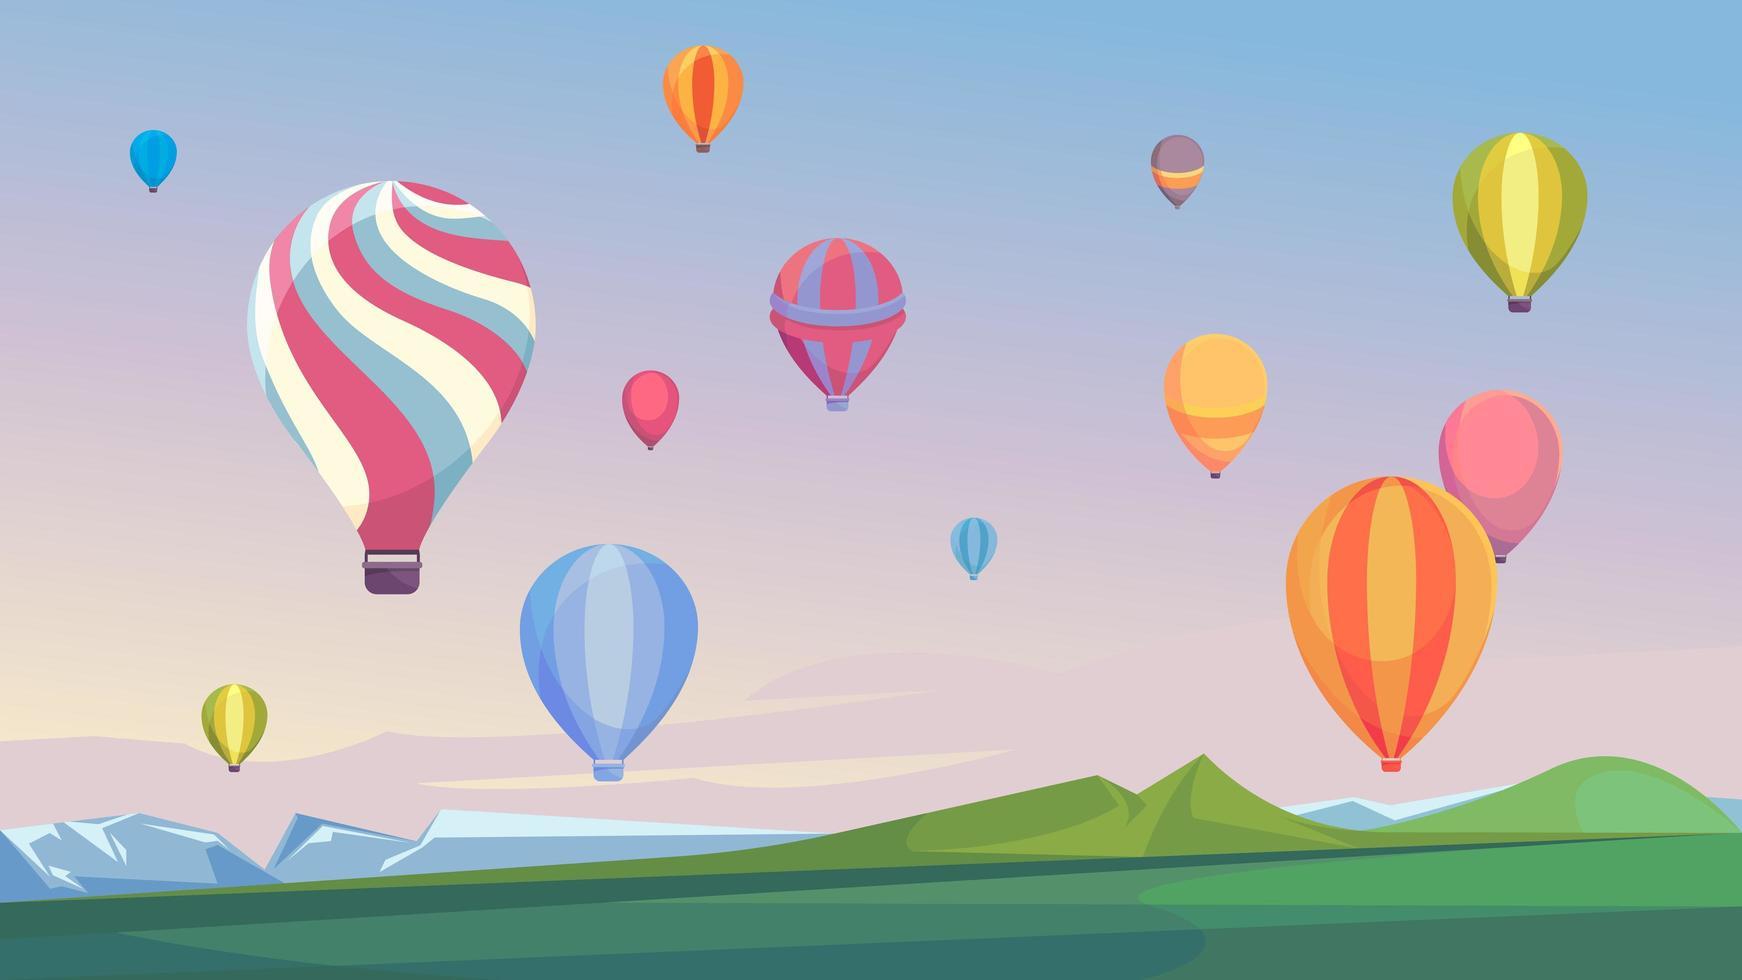 balões de ar quente voando no céu. vetor